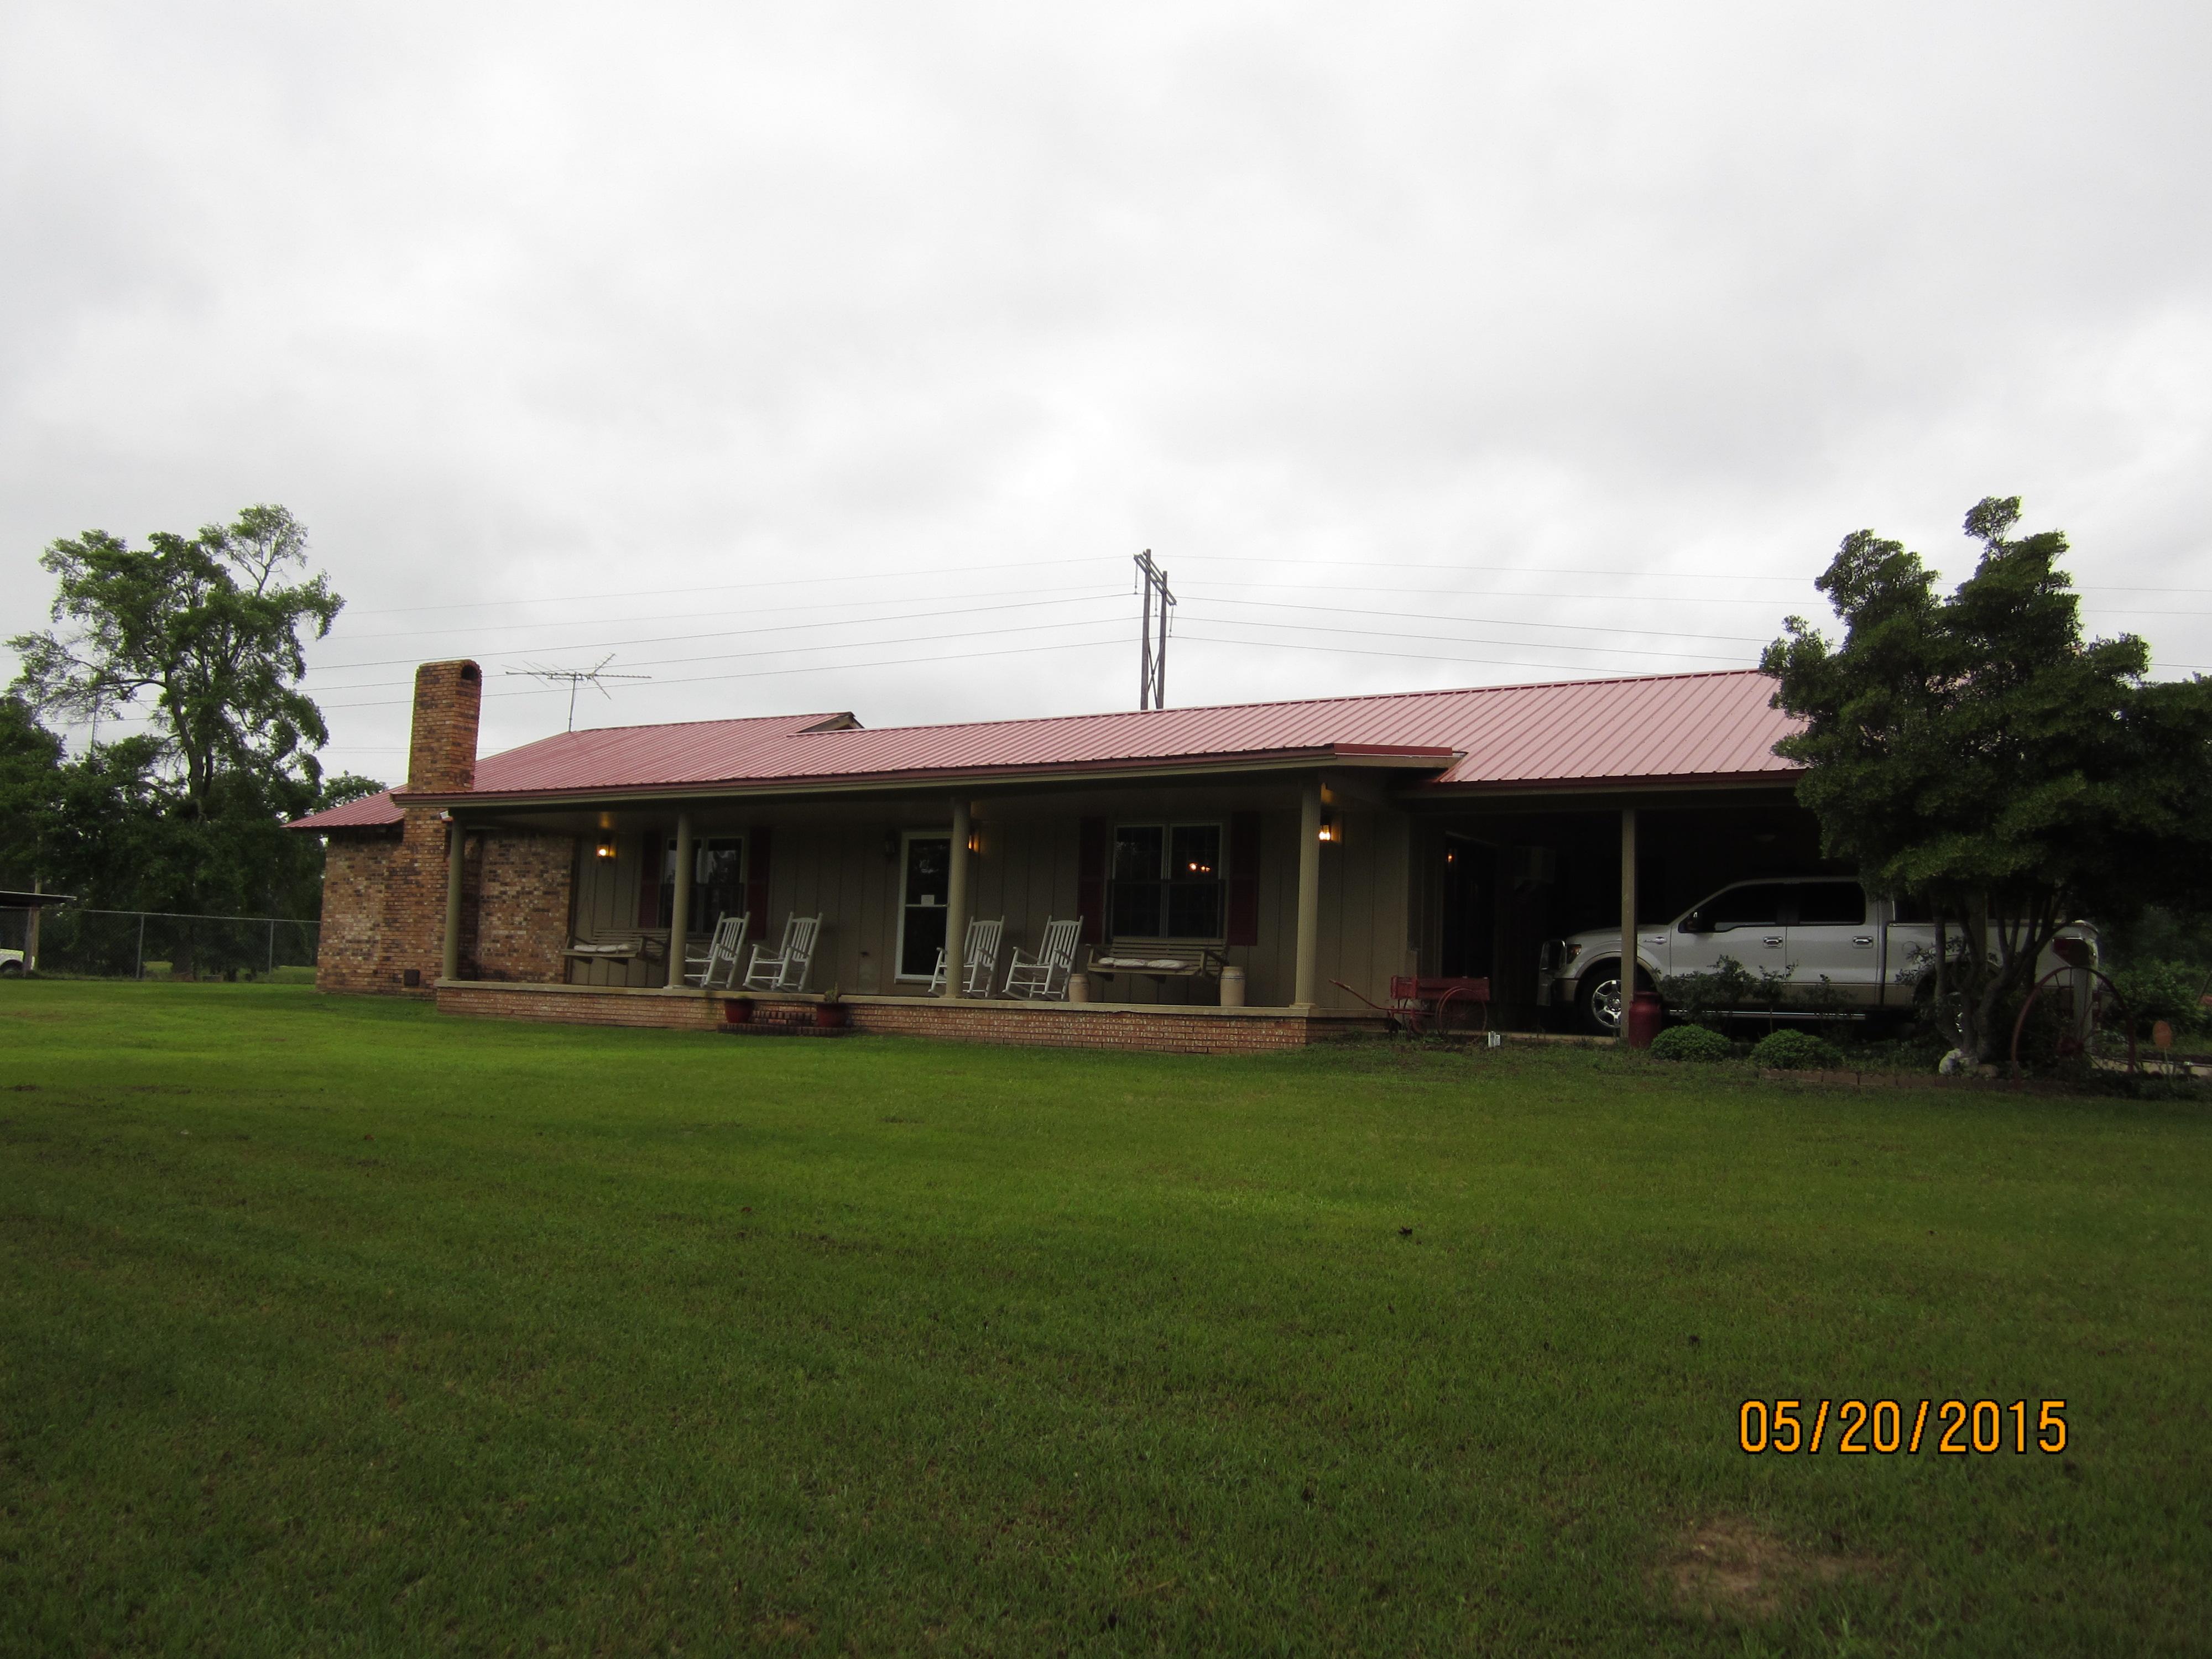 1100 E. 1st, Bearden, Arkansas 71720